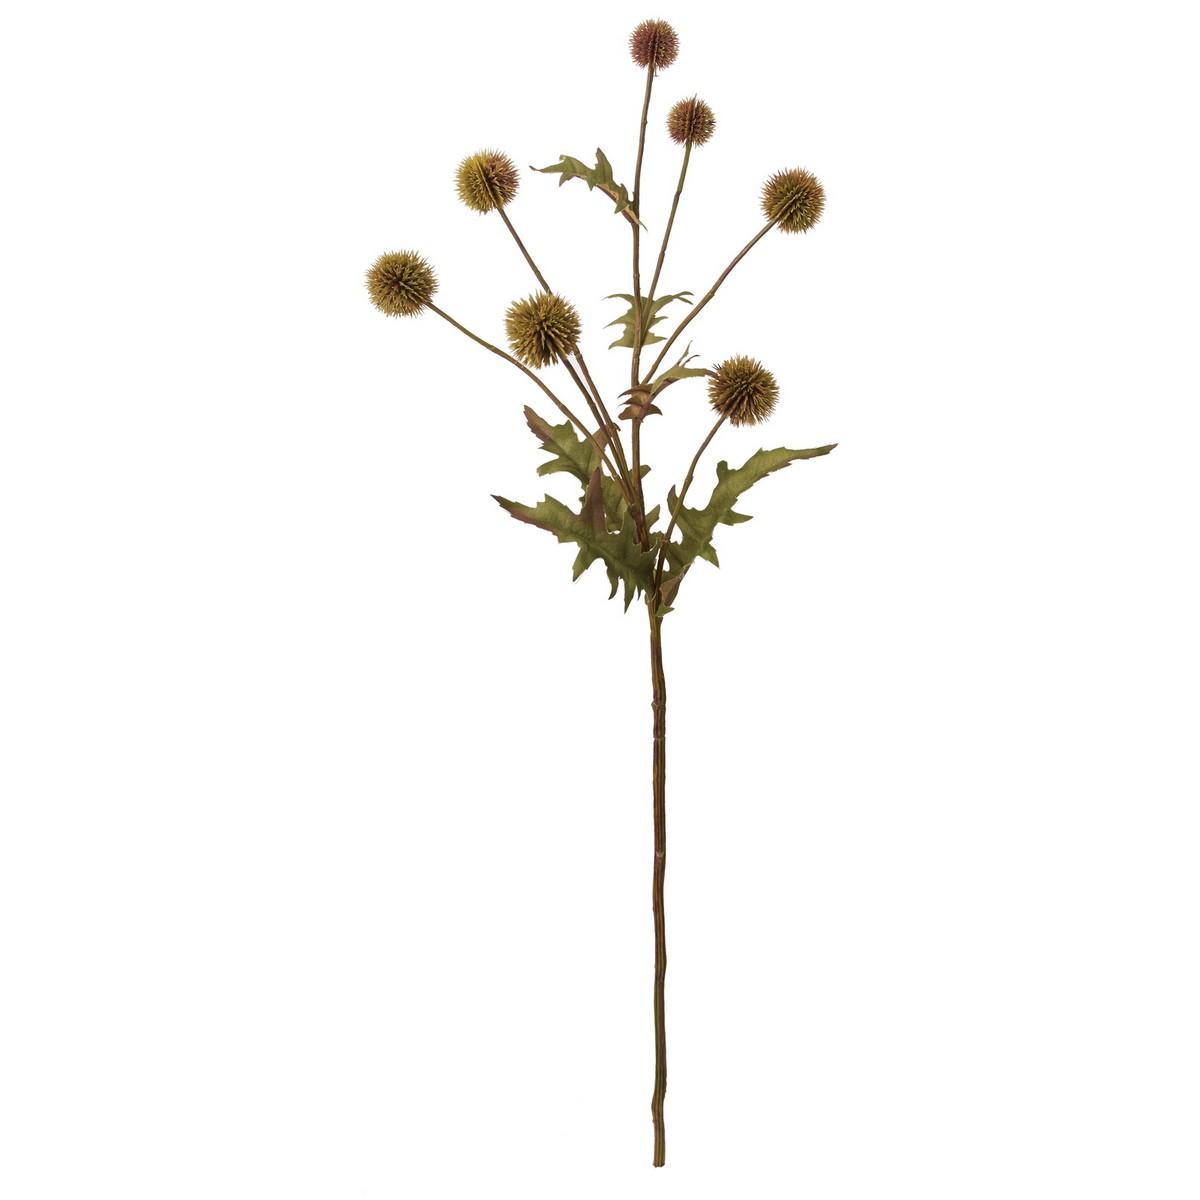 【造花】YDM/グローブティストゥルスプレー グレイ/FG -4718-GRY【01】【取寄】《 造花(アーティフィシャルフラワー) 造花実物、フェイクフルーツ 柿 》